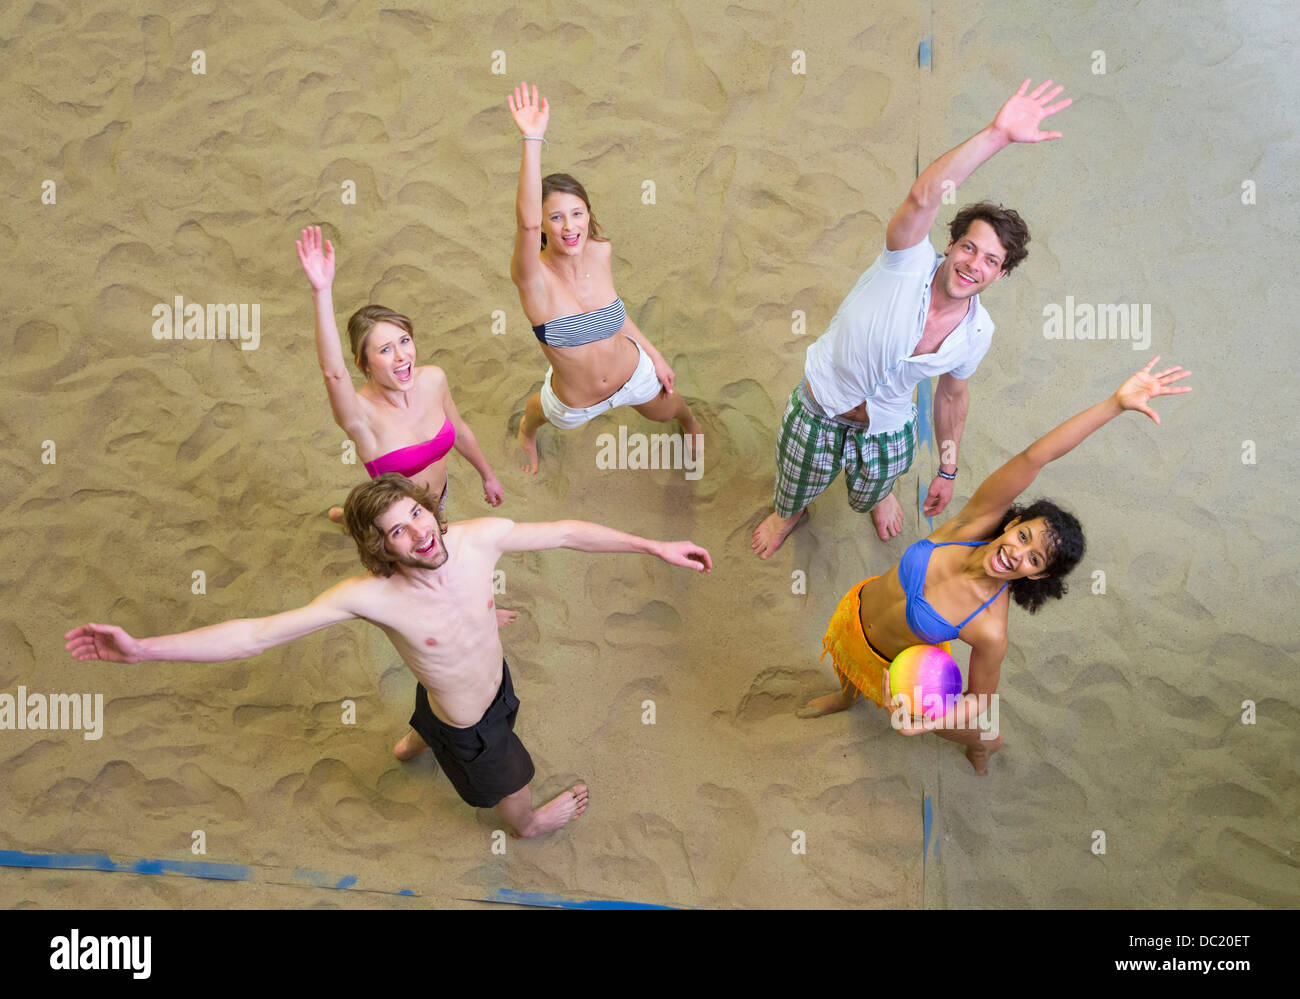 Vista aérea de amigos ondeando en voleibol de playa en interiores Imagen De Stock